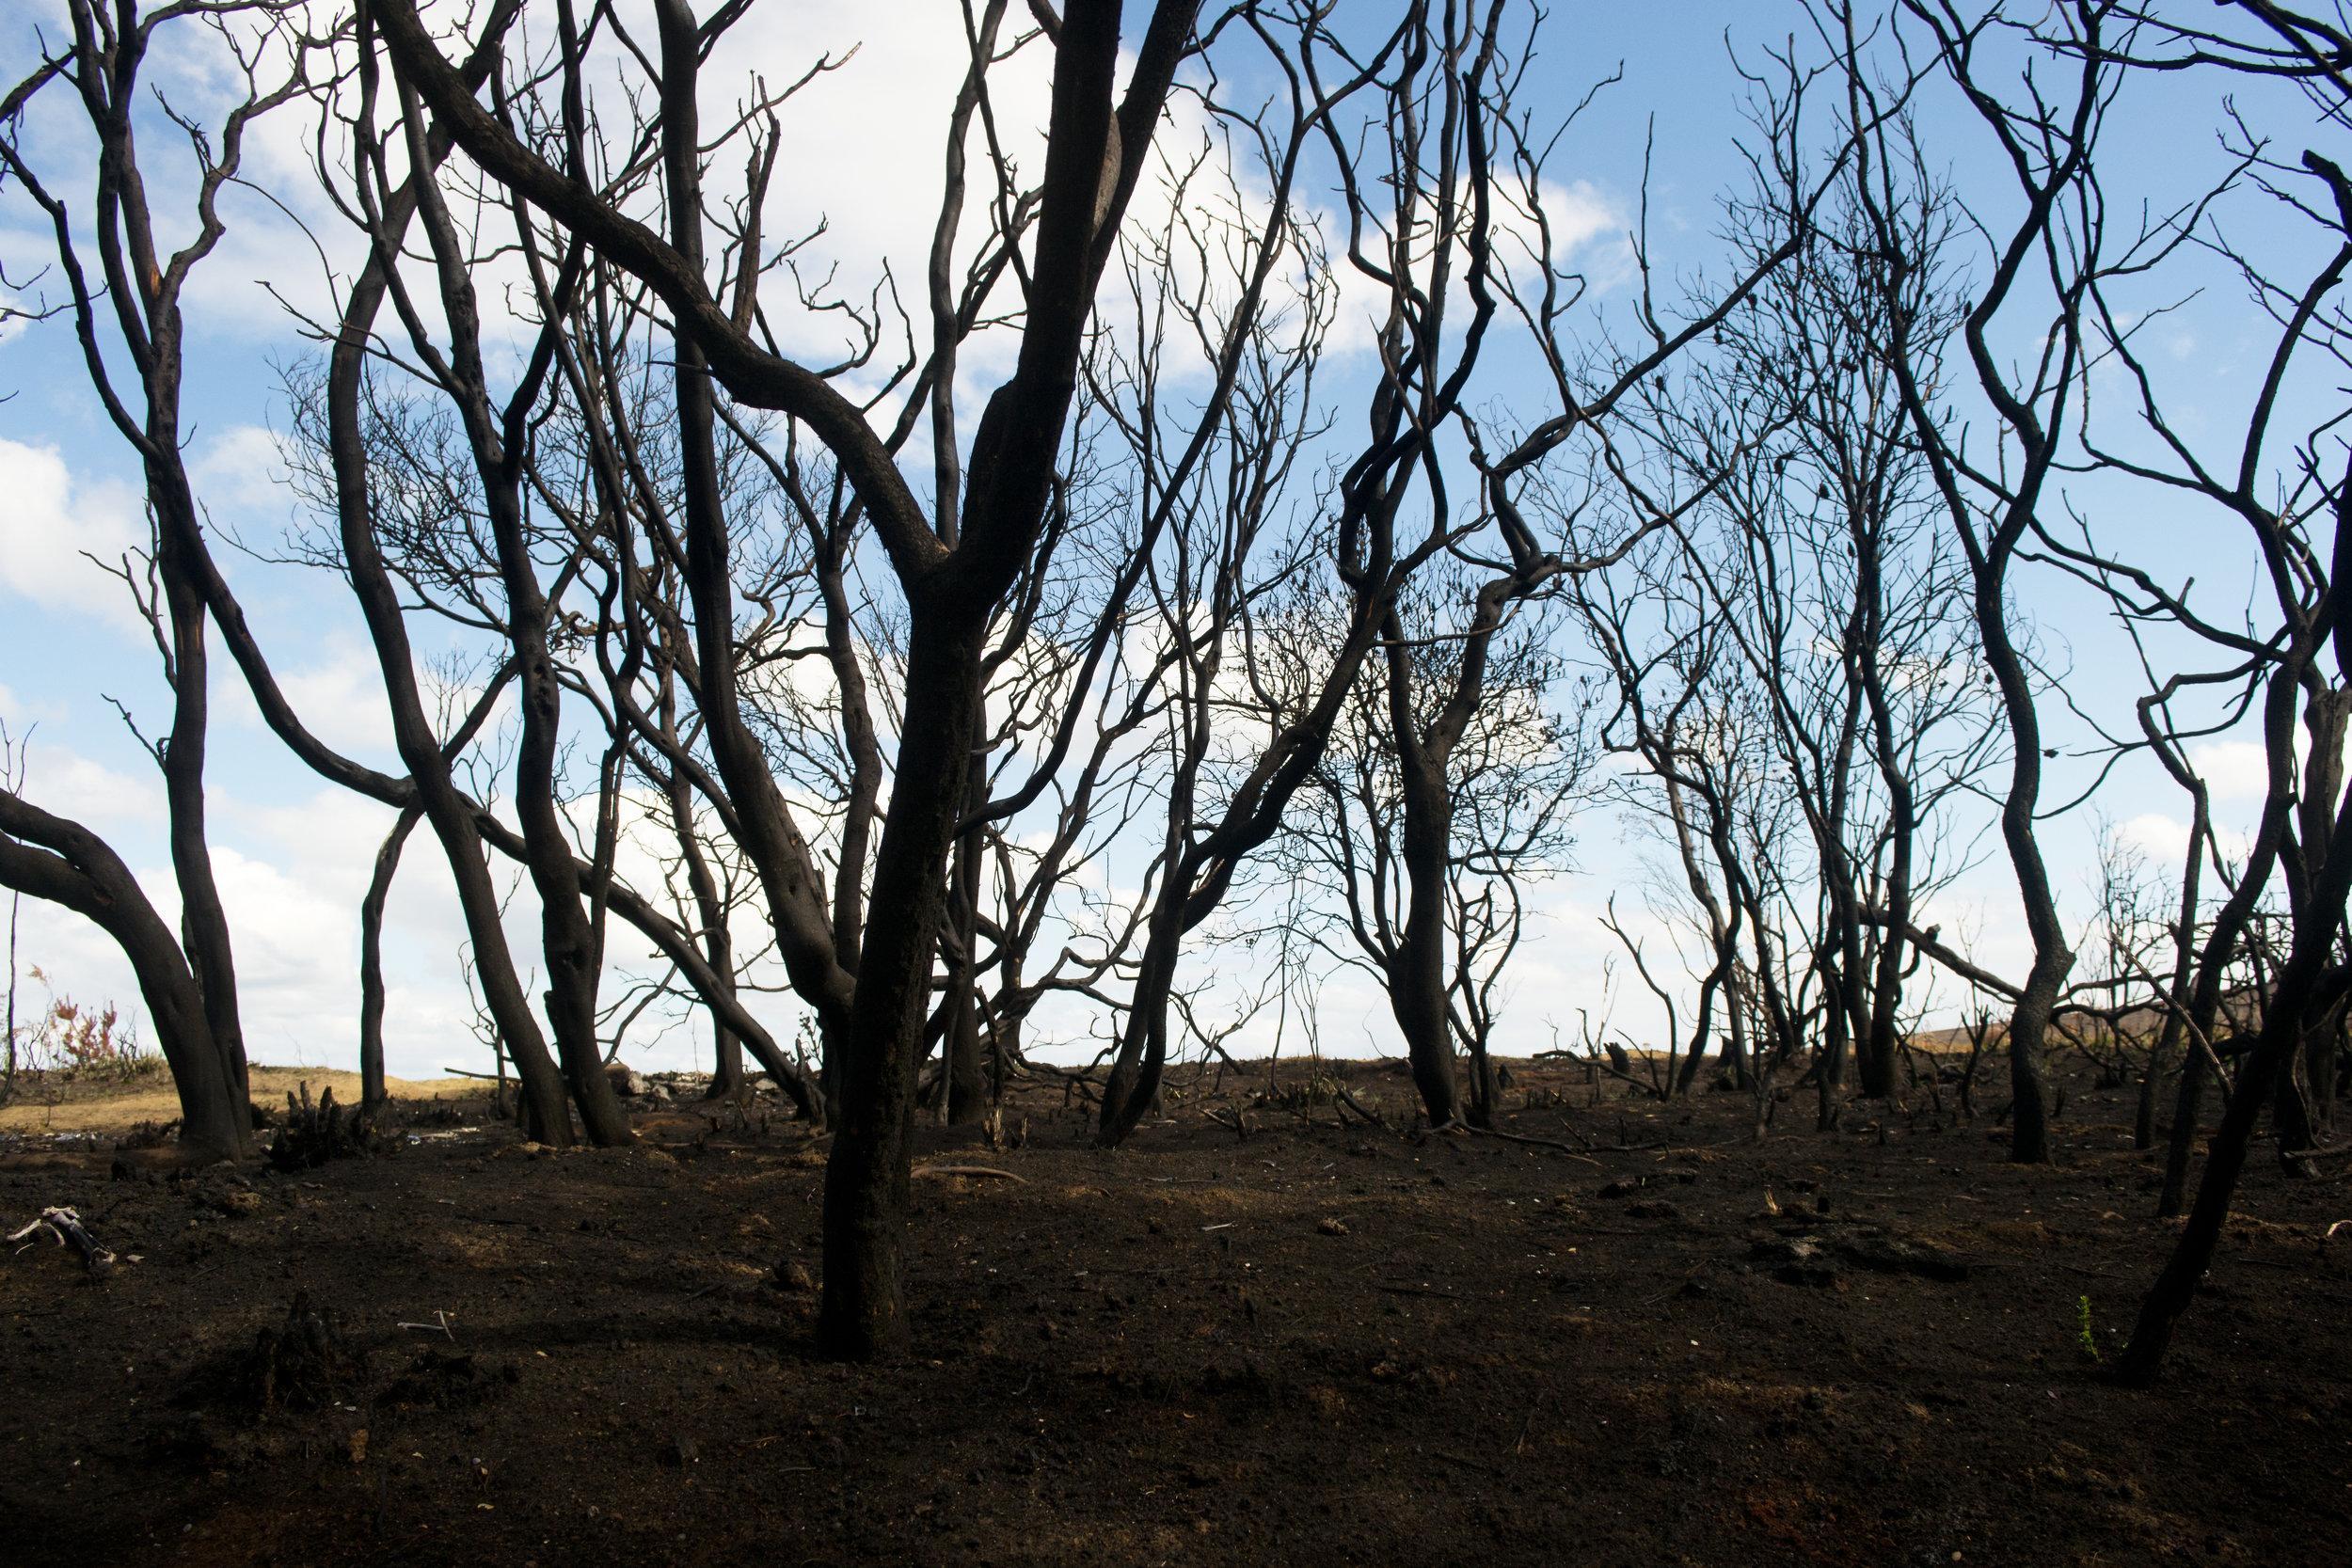 2013-02-28 - Tasmania - Dunalley after the fires - D3100  - DSC_0118.jpg